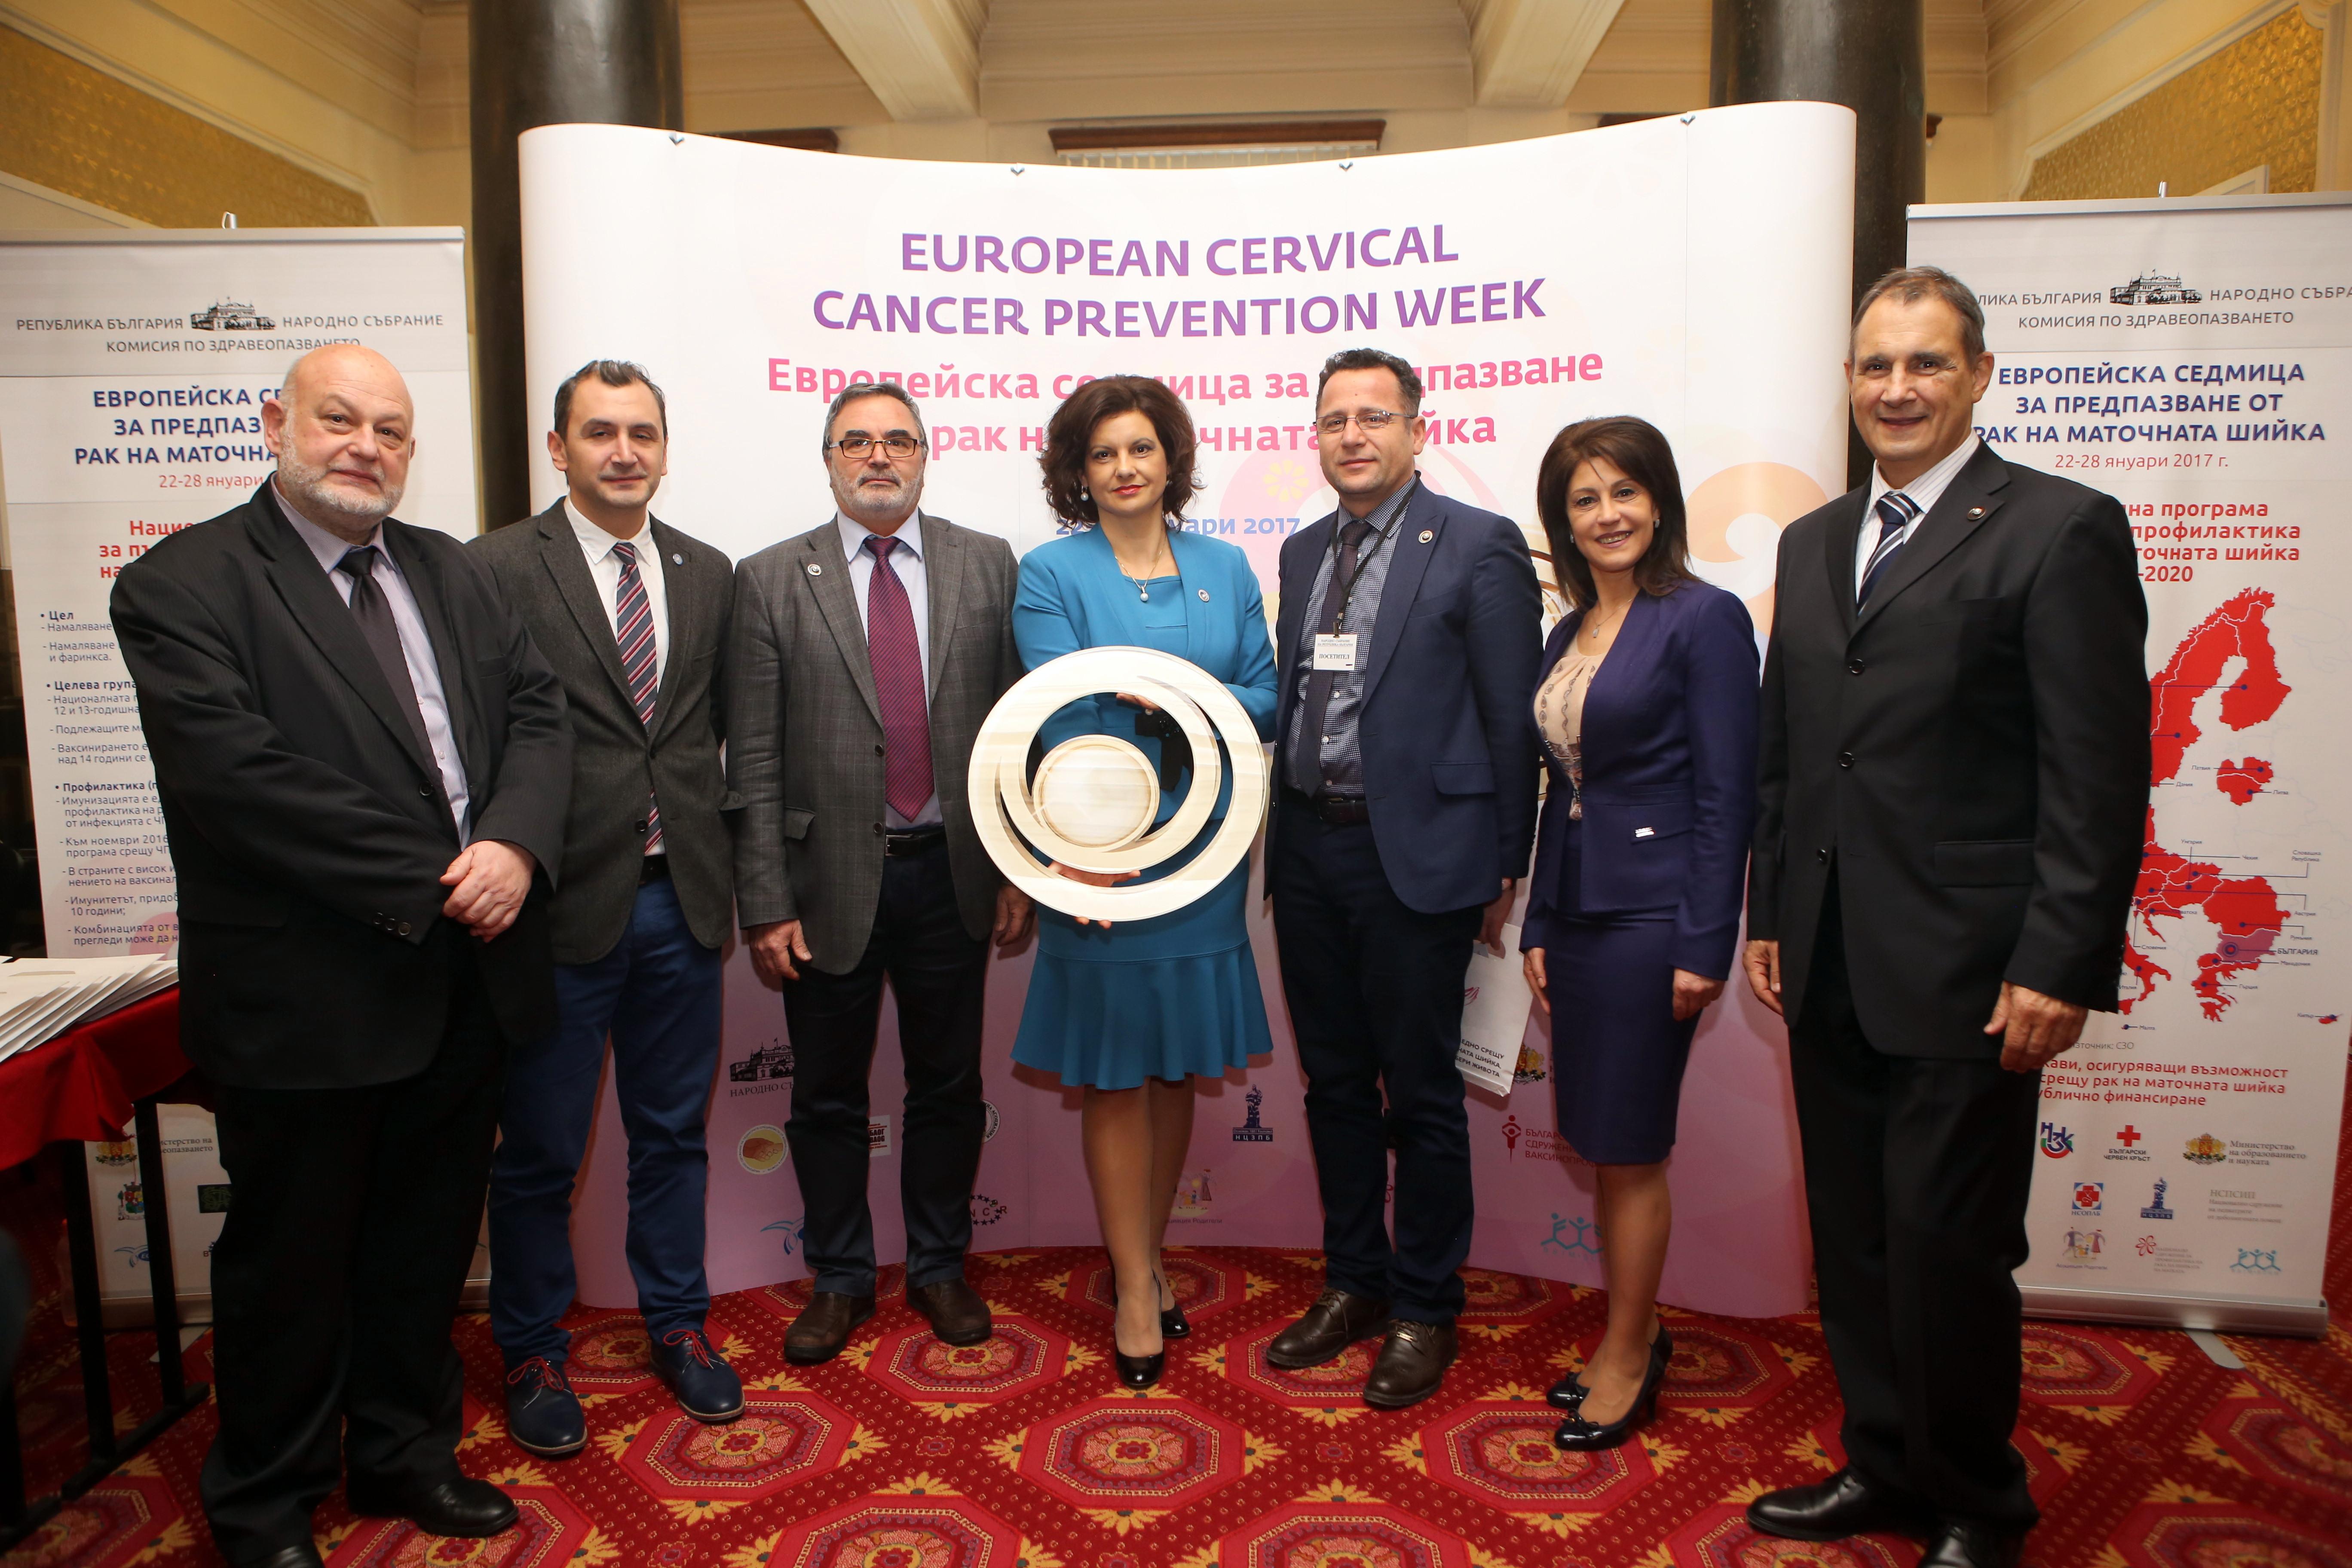 Европейска седмица за предпазване от рак на маточната шийка - 2017